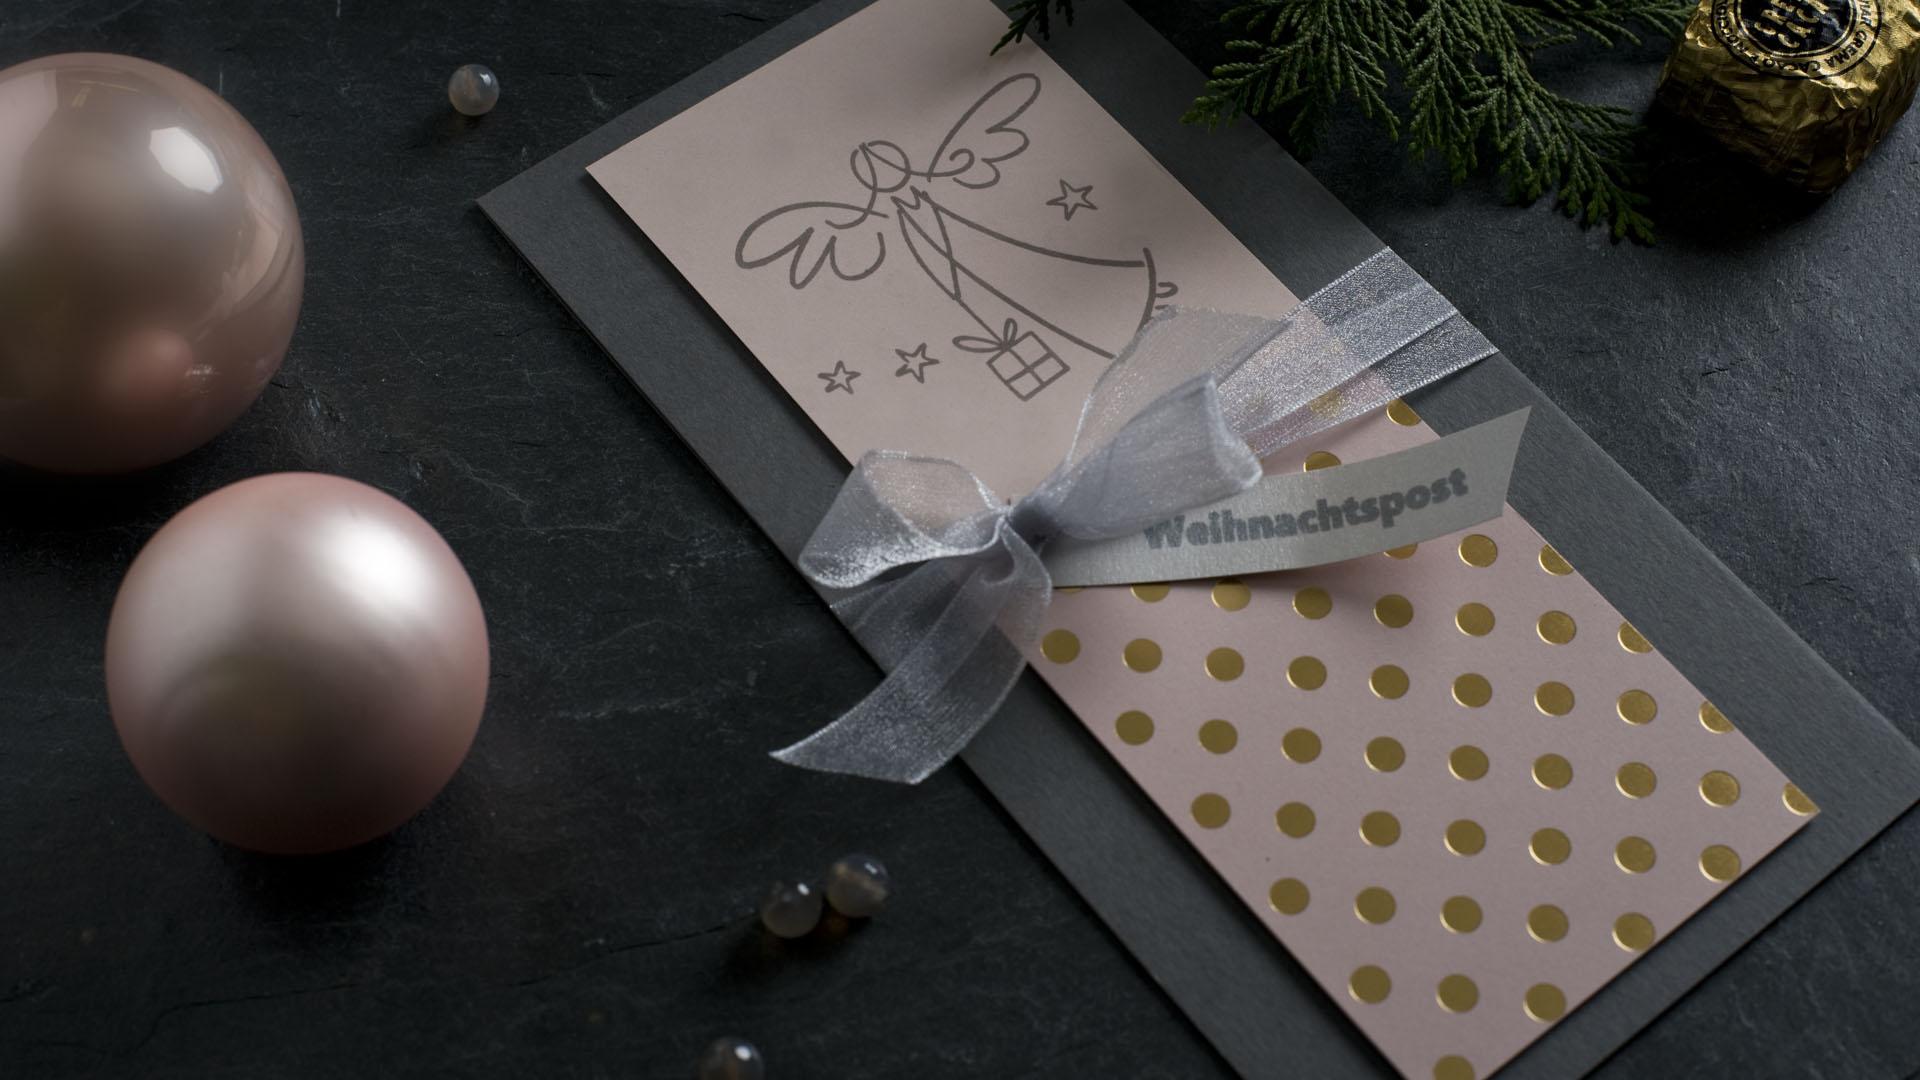 Ideen für die Weihnachtspost: Himmlischer Paketbote